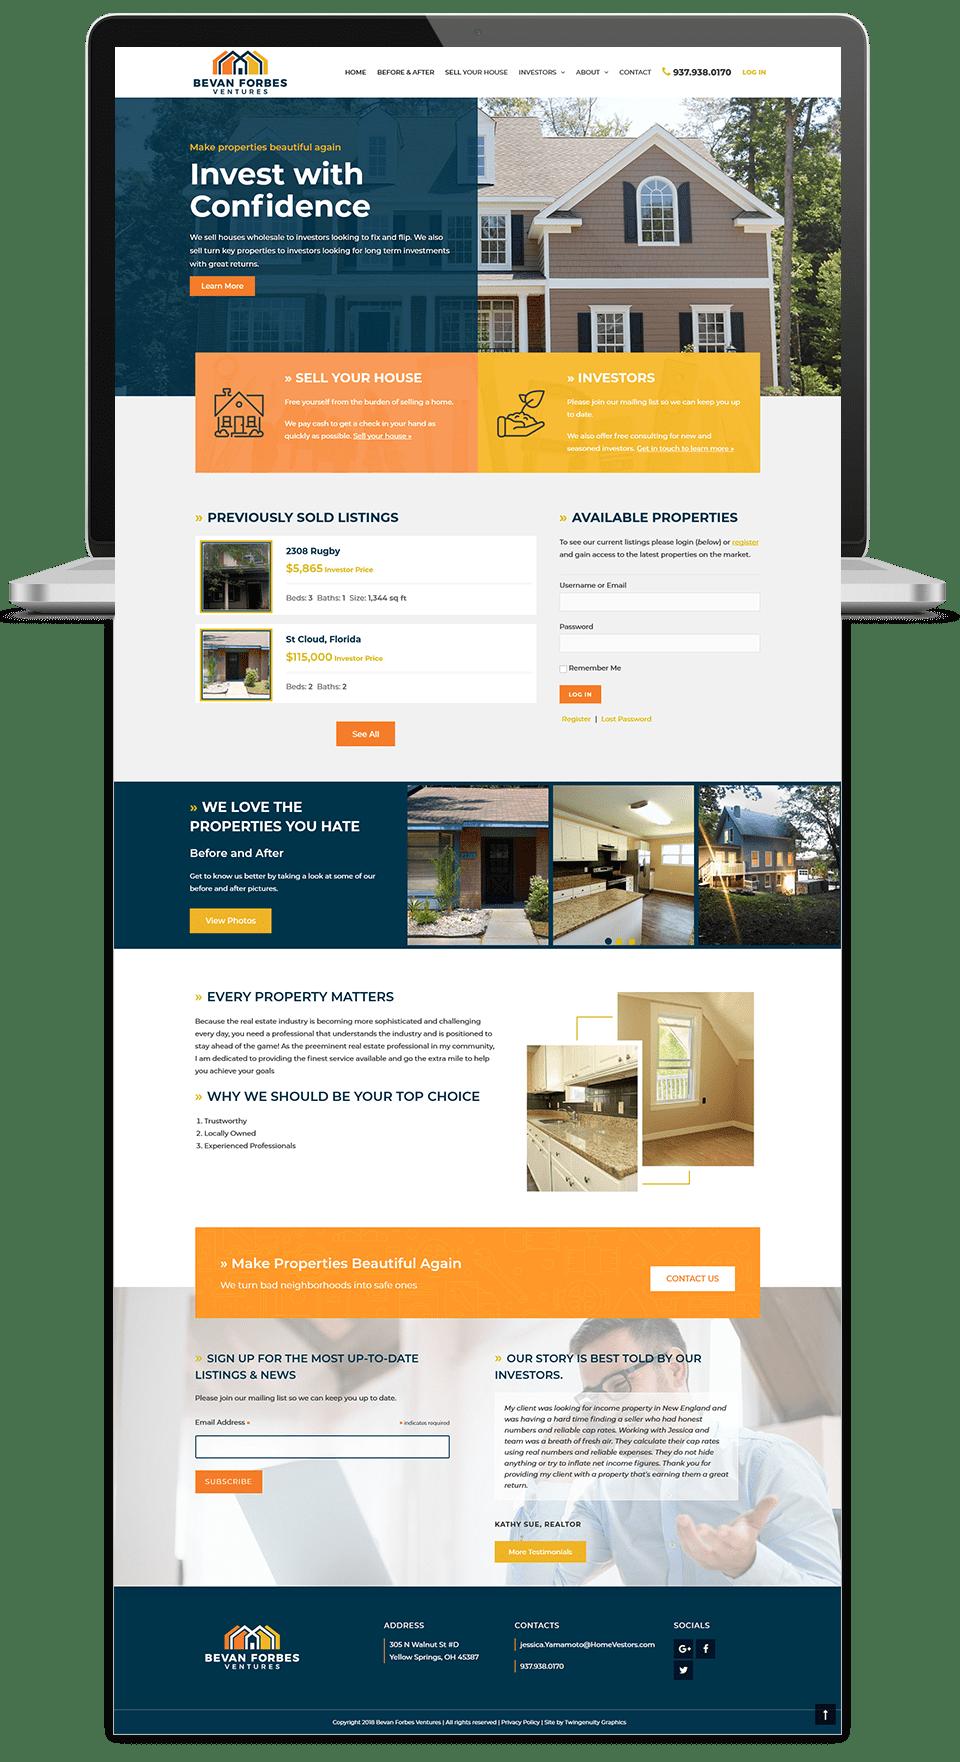 Bevan Forbes Ventures Wordpress Web Design Wordpress Web Design Web Layout Design Portfolio Web Design